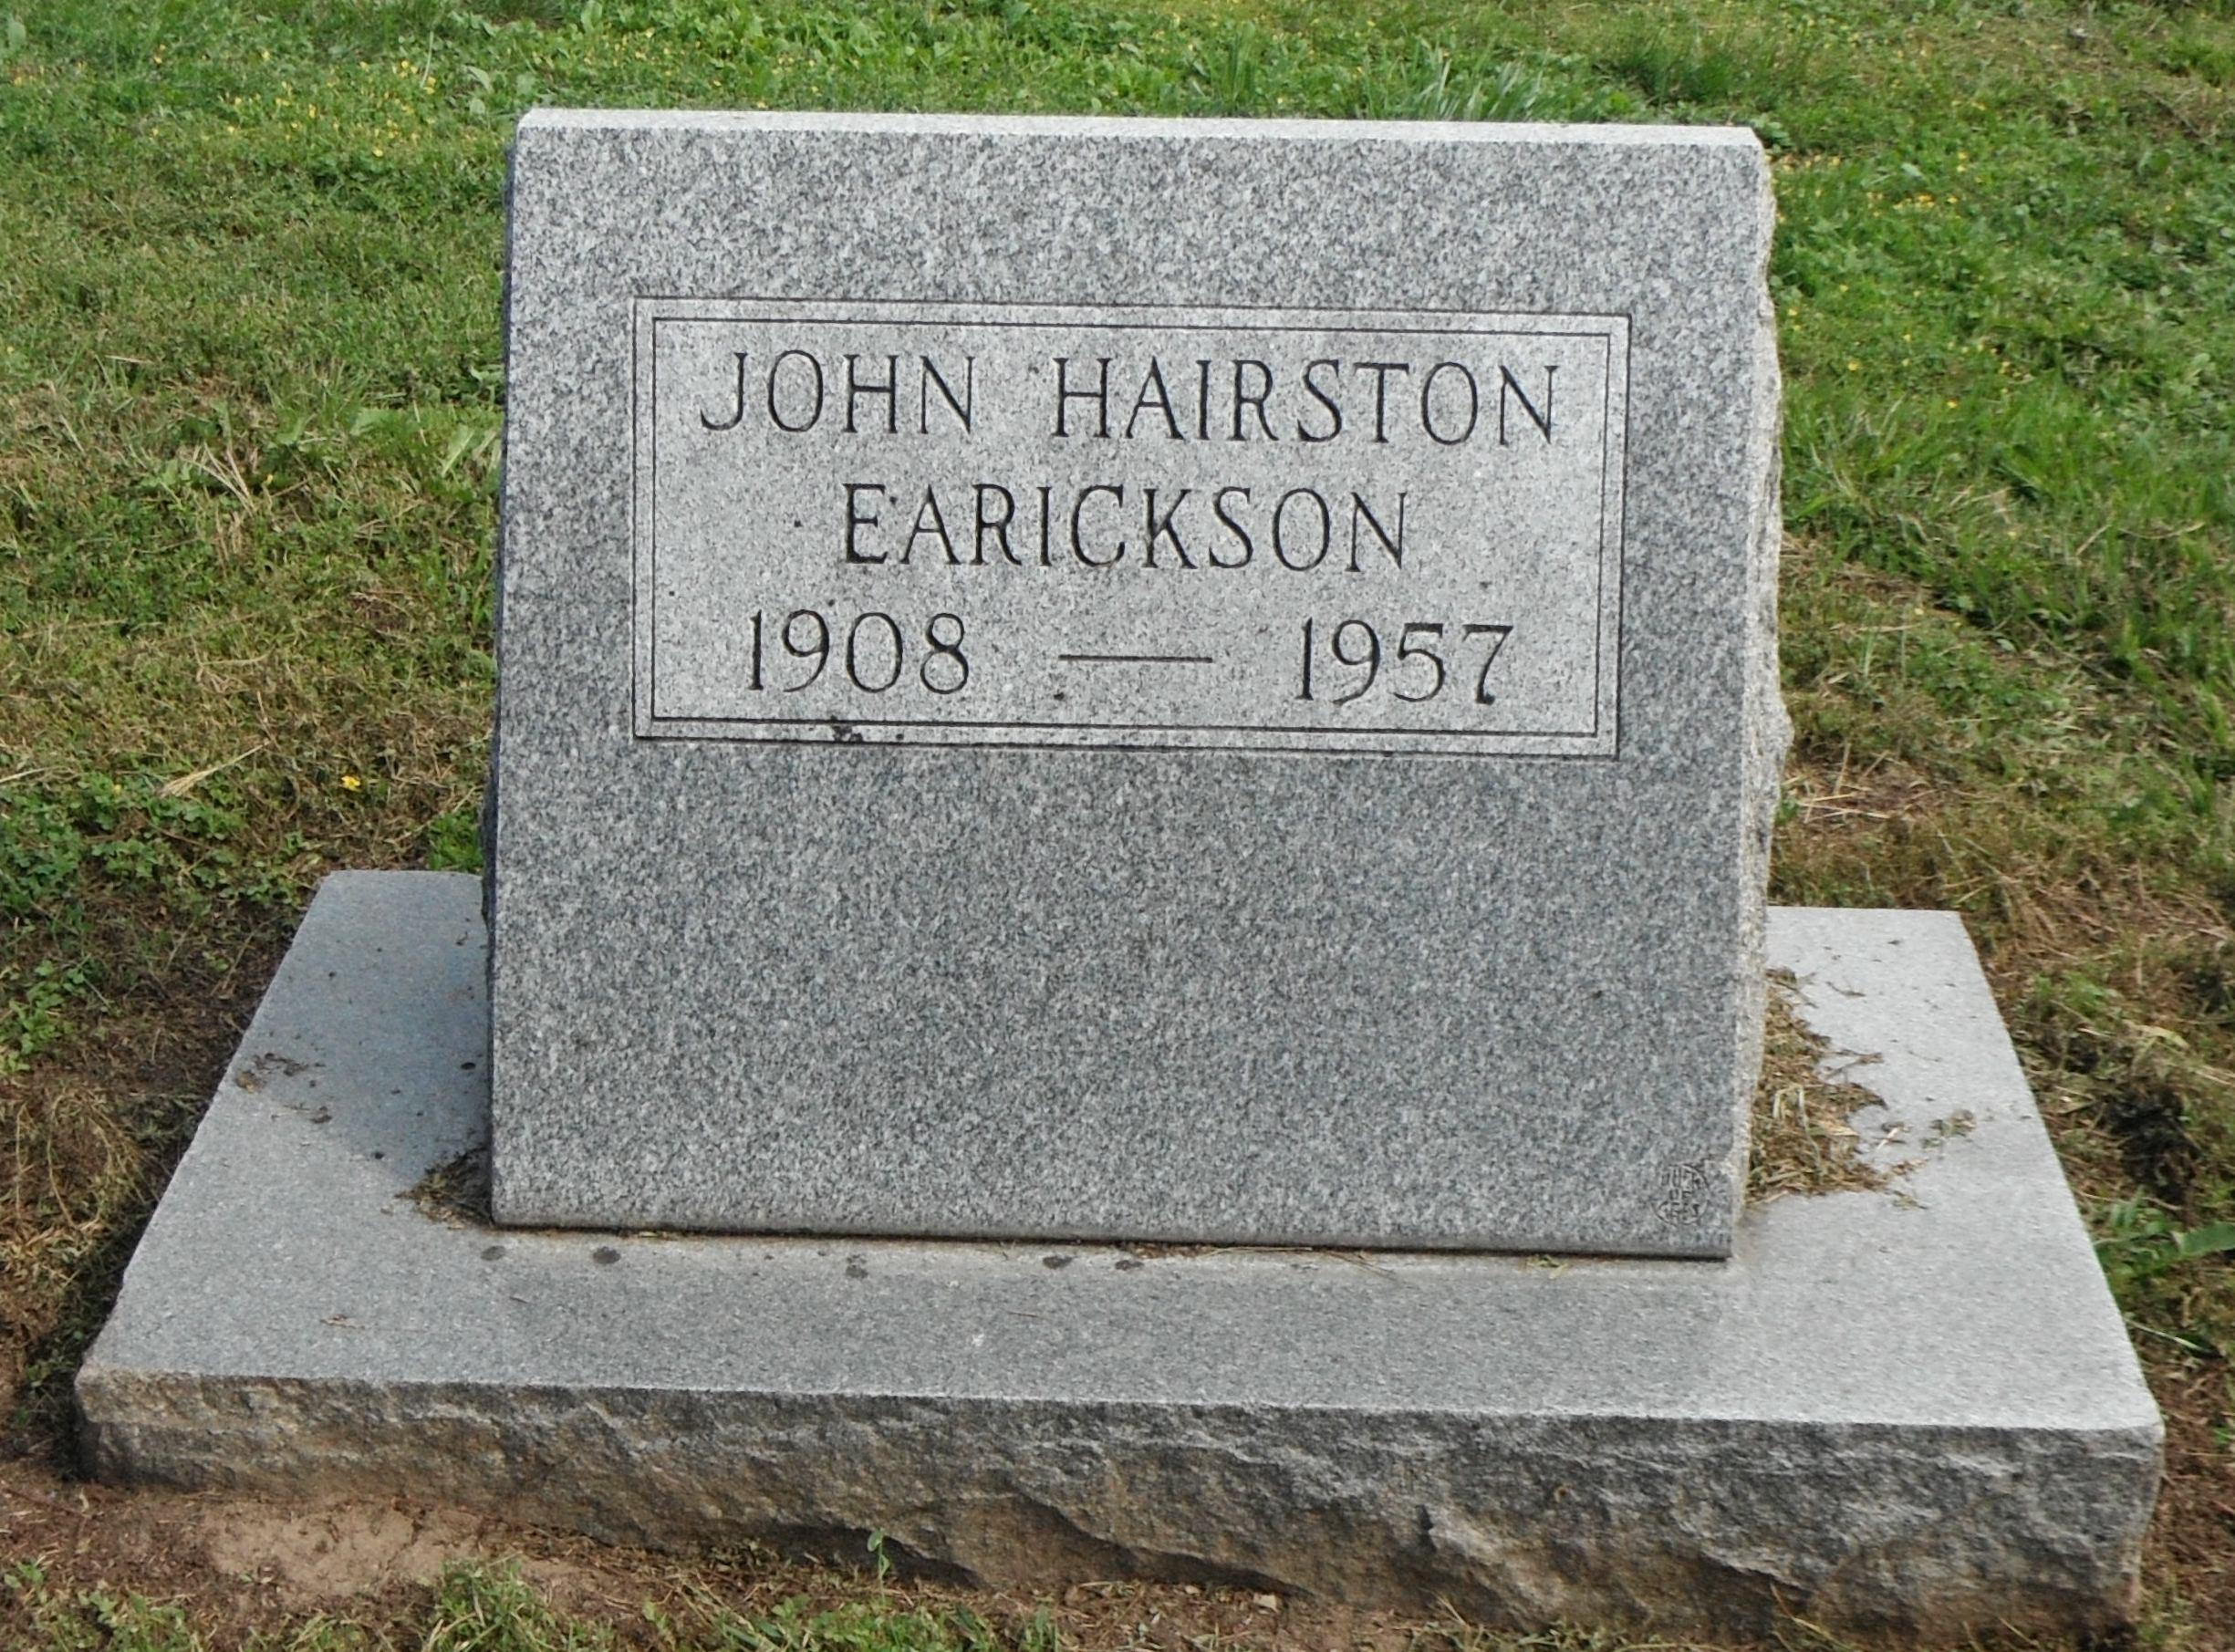 John Hairston Earickson